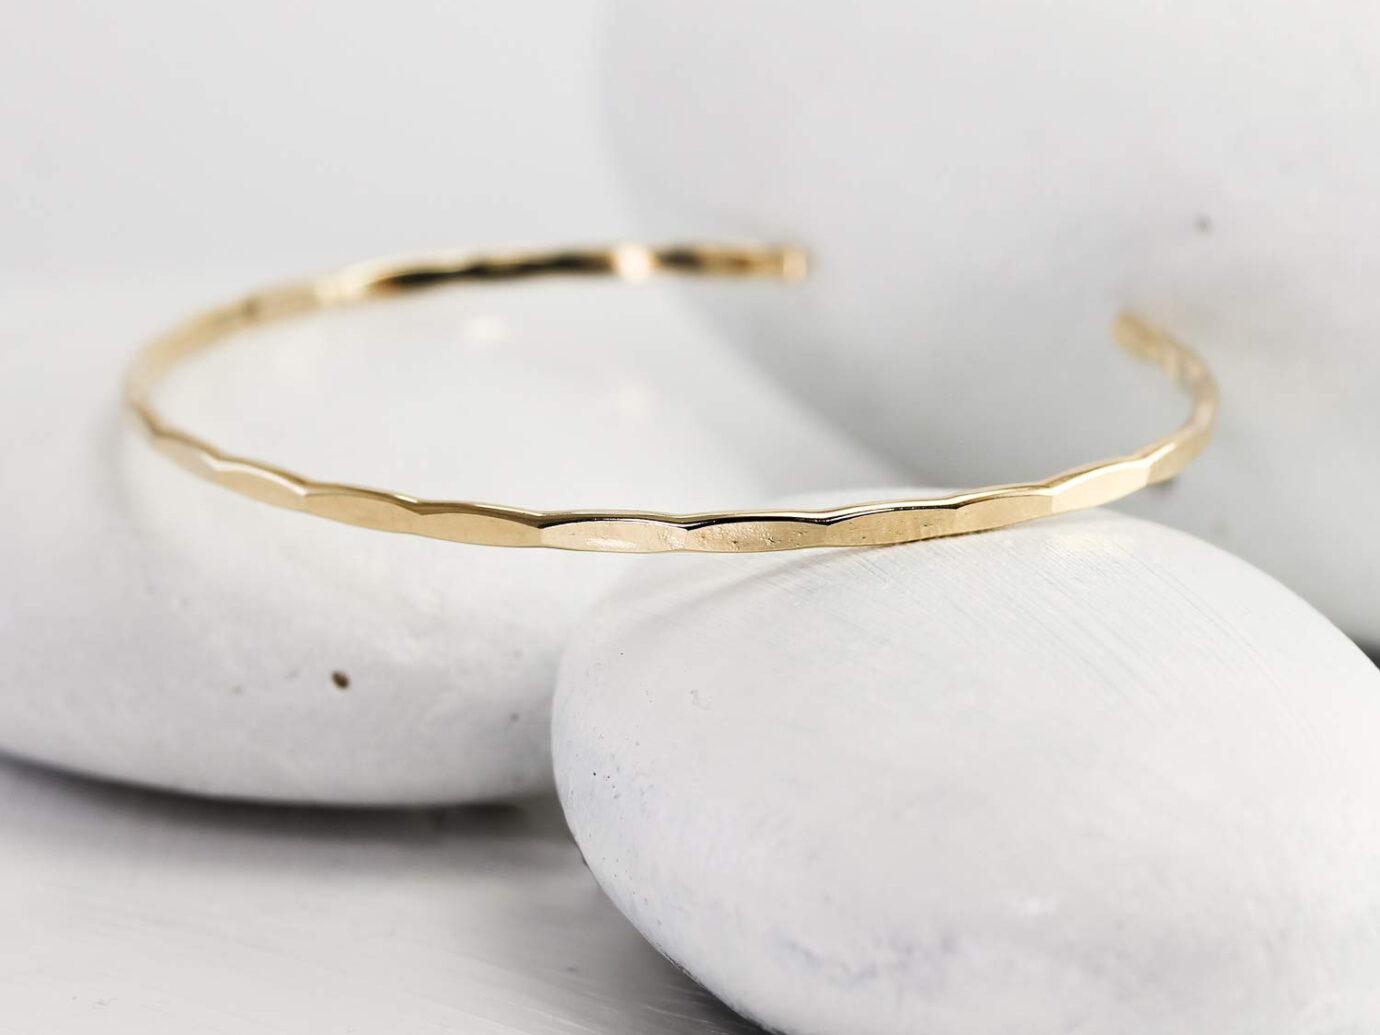 Hammered Gold Fill Handmade Bracelet